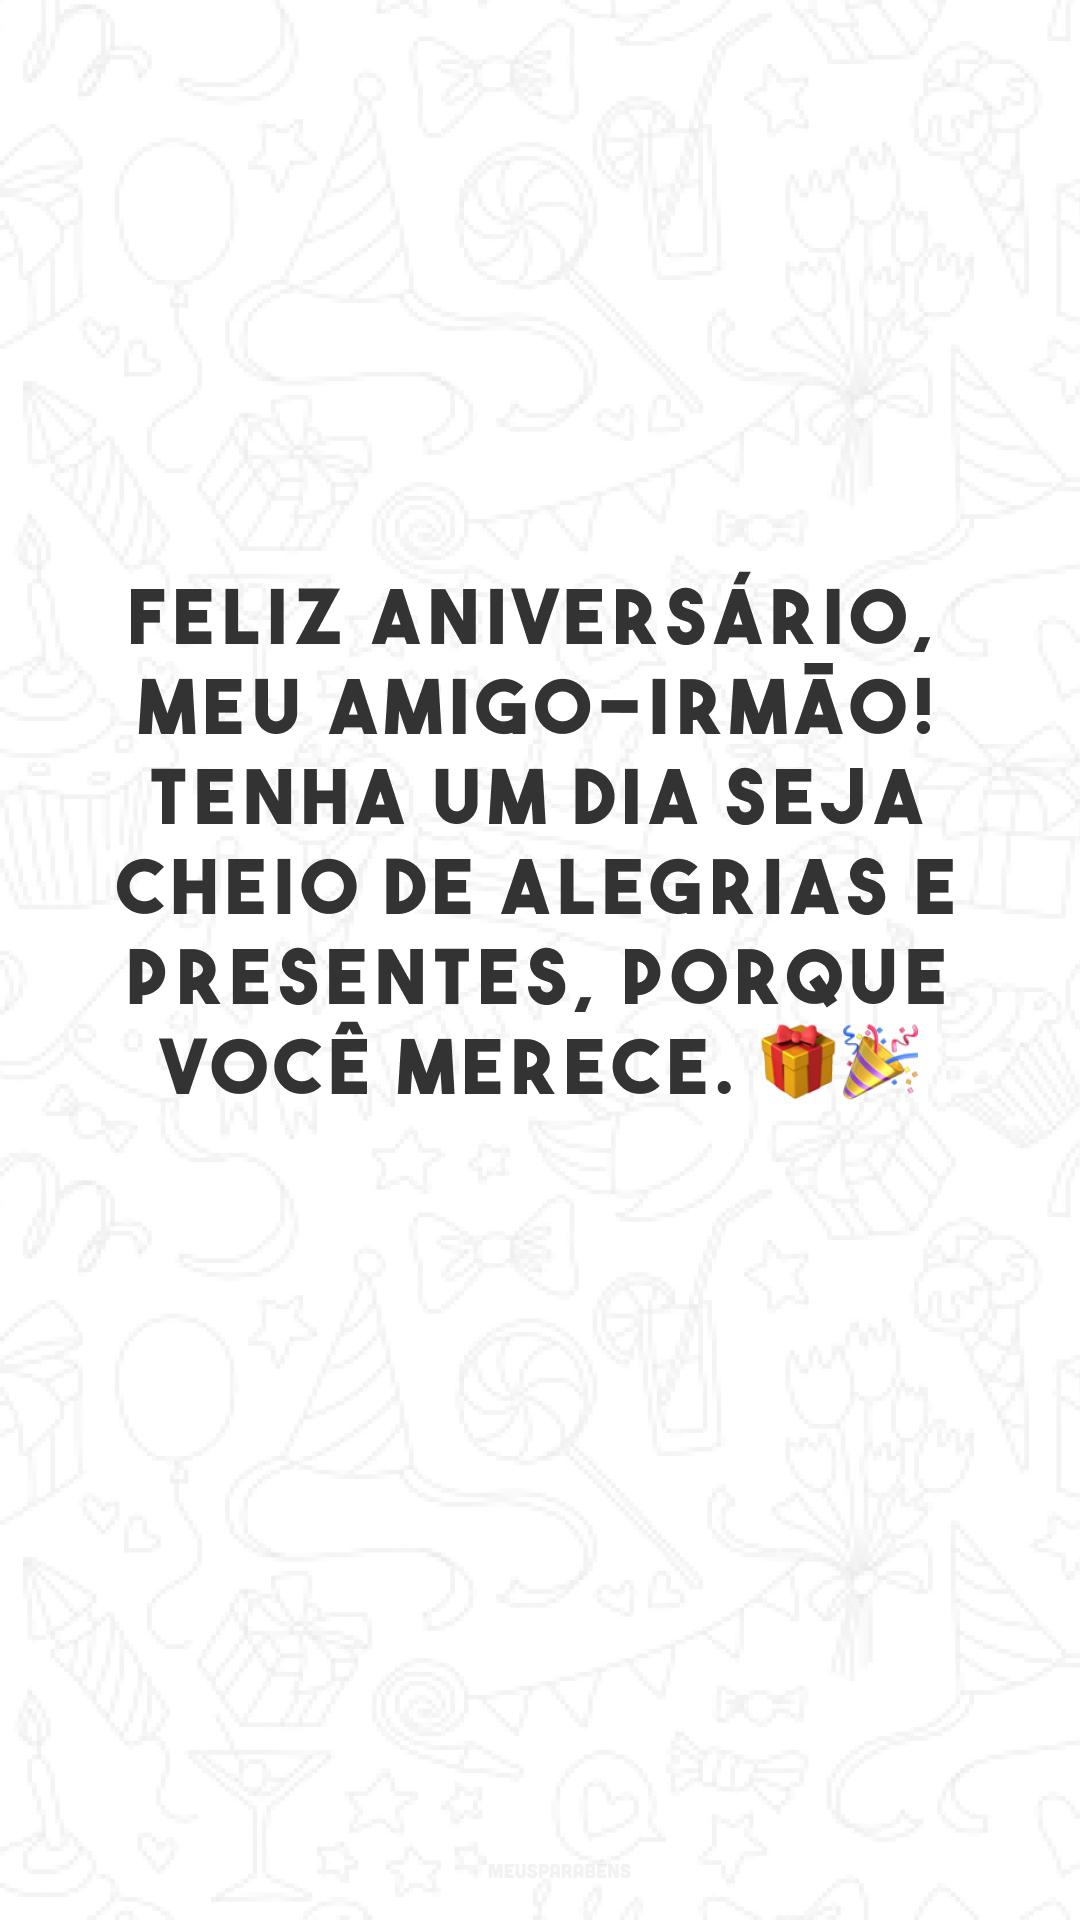 Feliz aniversário, meu amigo-irmão! Tenha um dia seja cheio de alegrias e presentes, porque você merece. 🎁🎉